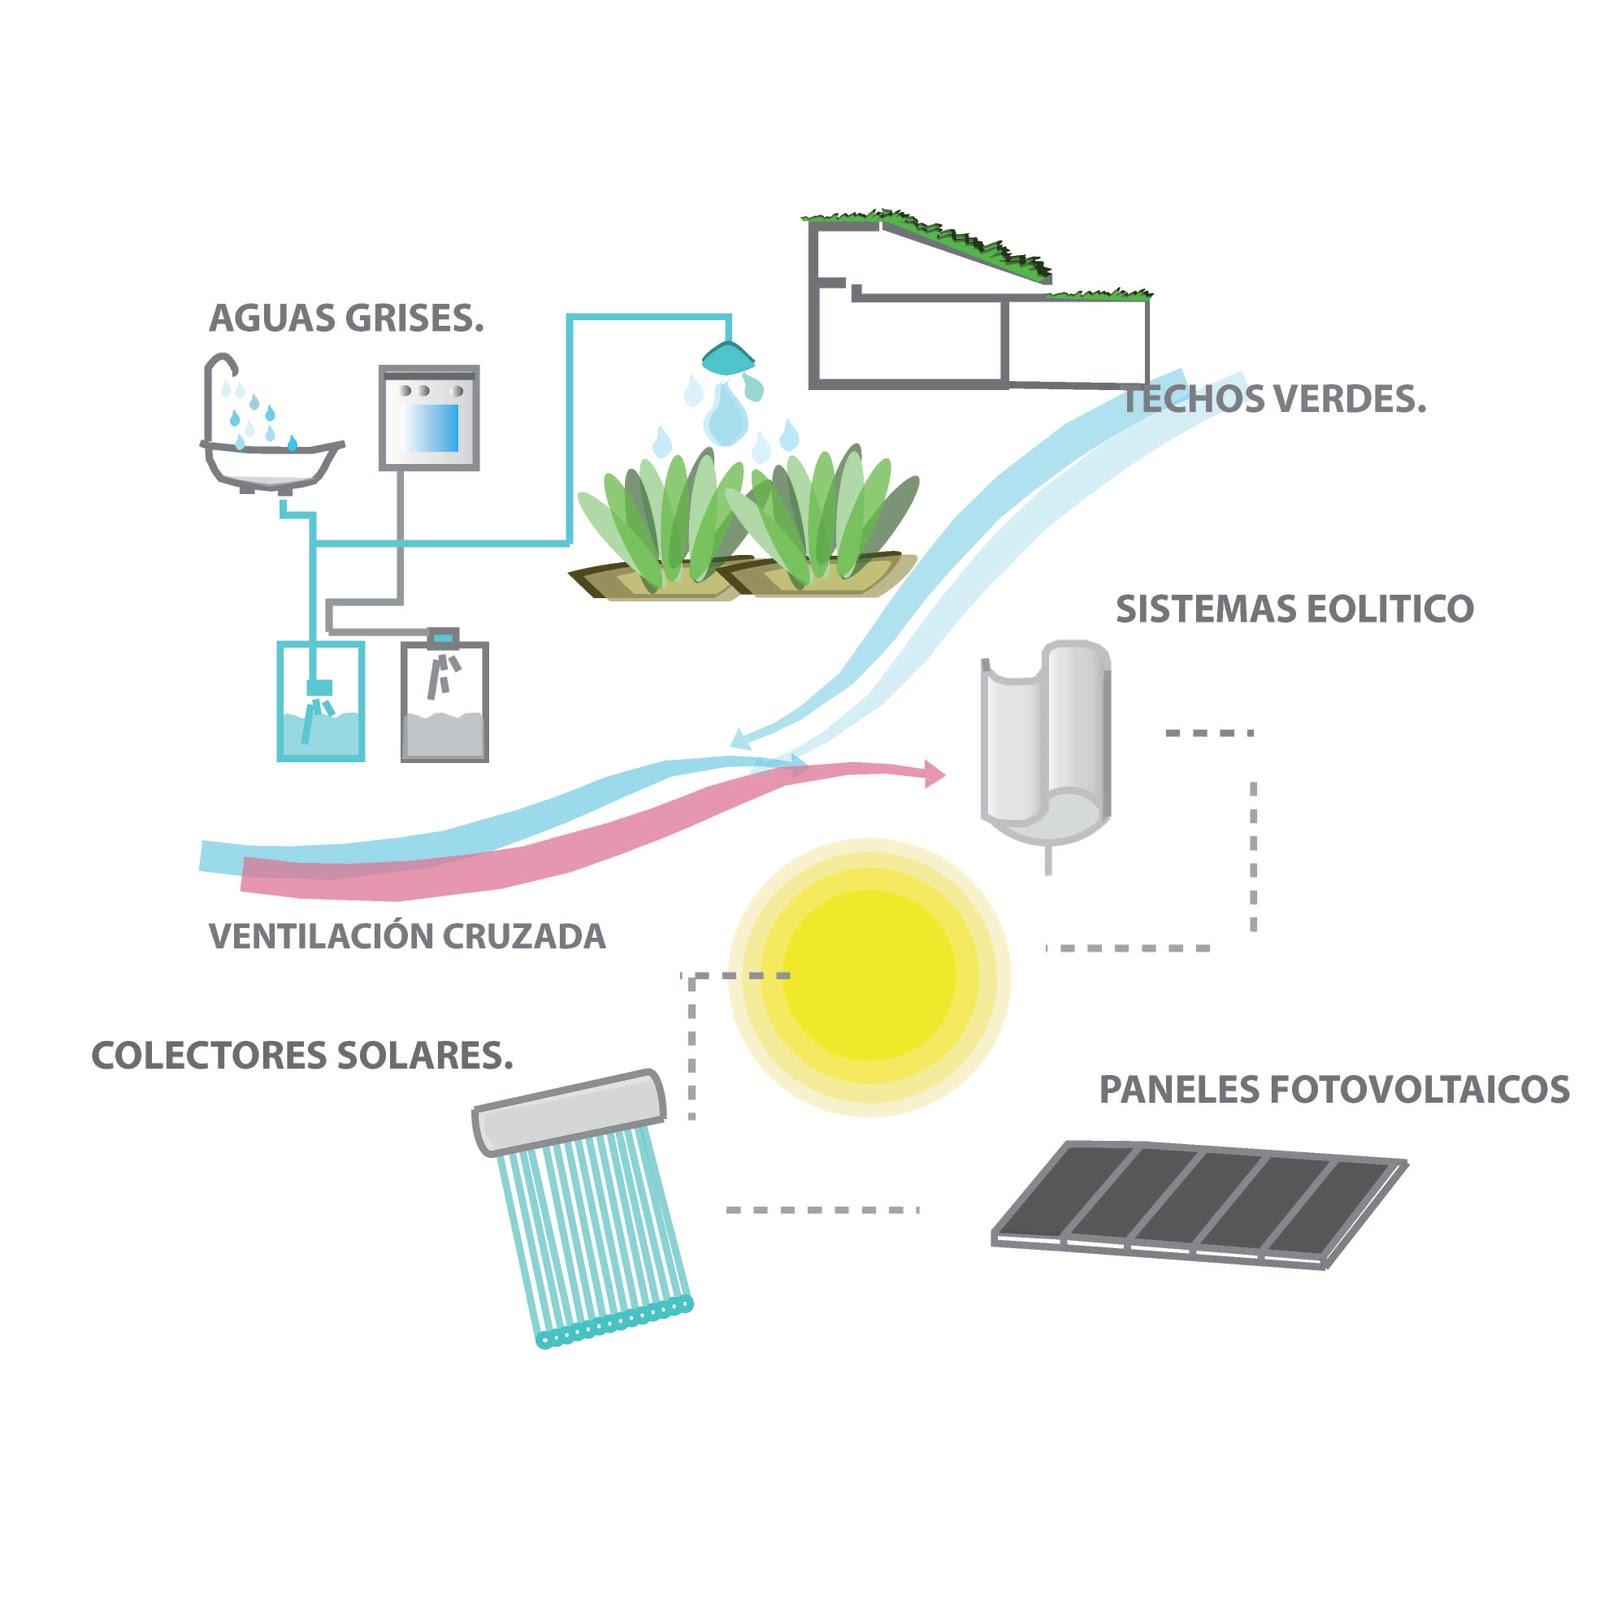 Sistemas constructivos agregados ernc al sistema de muros for Muro verde sistema constructivo